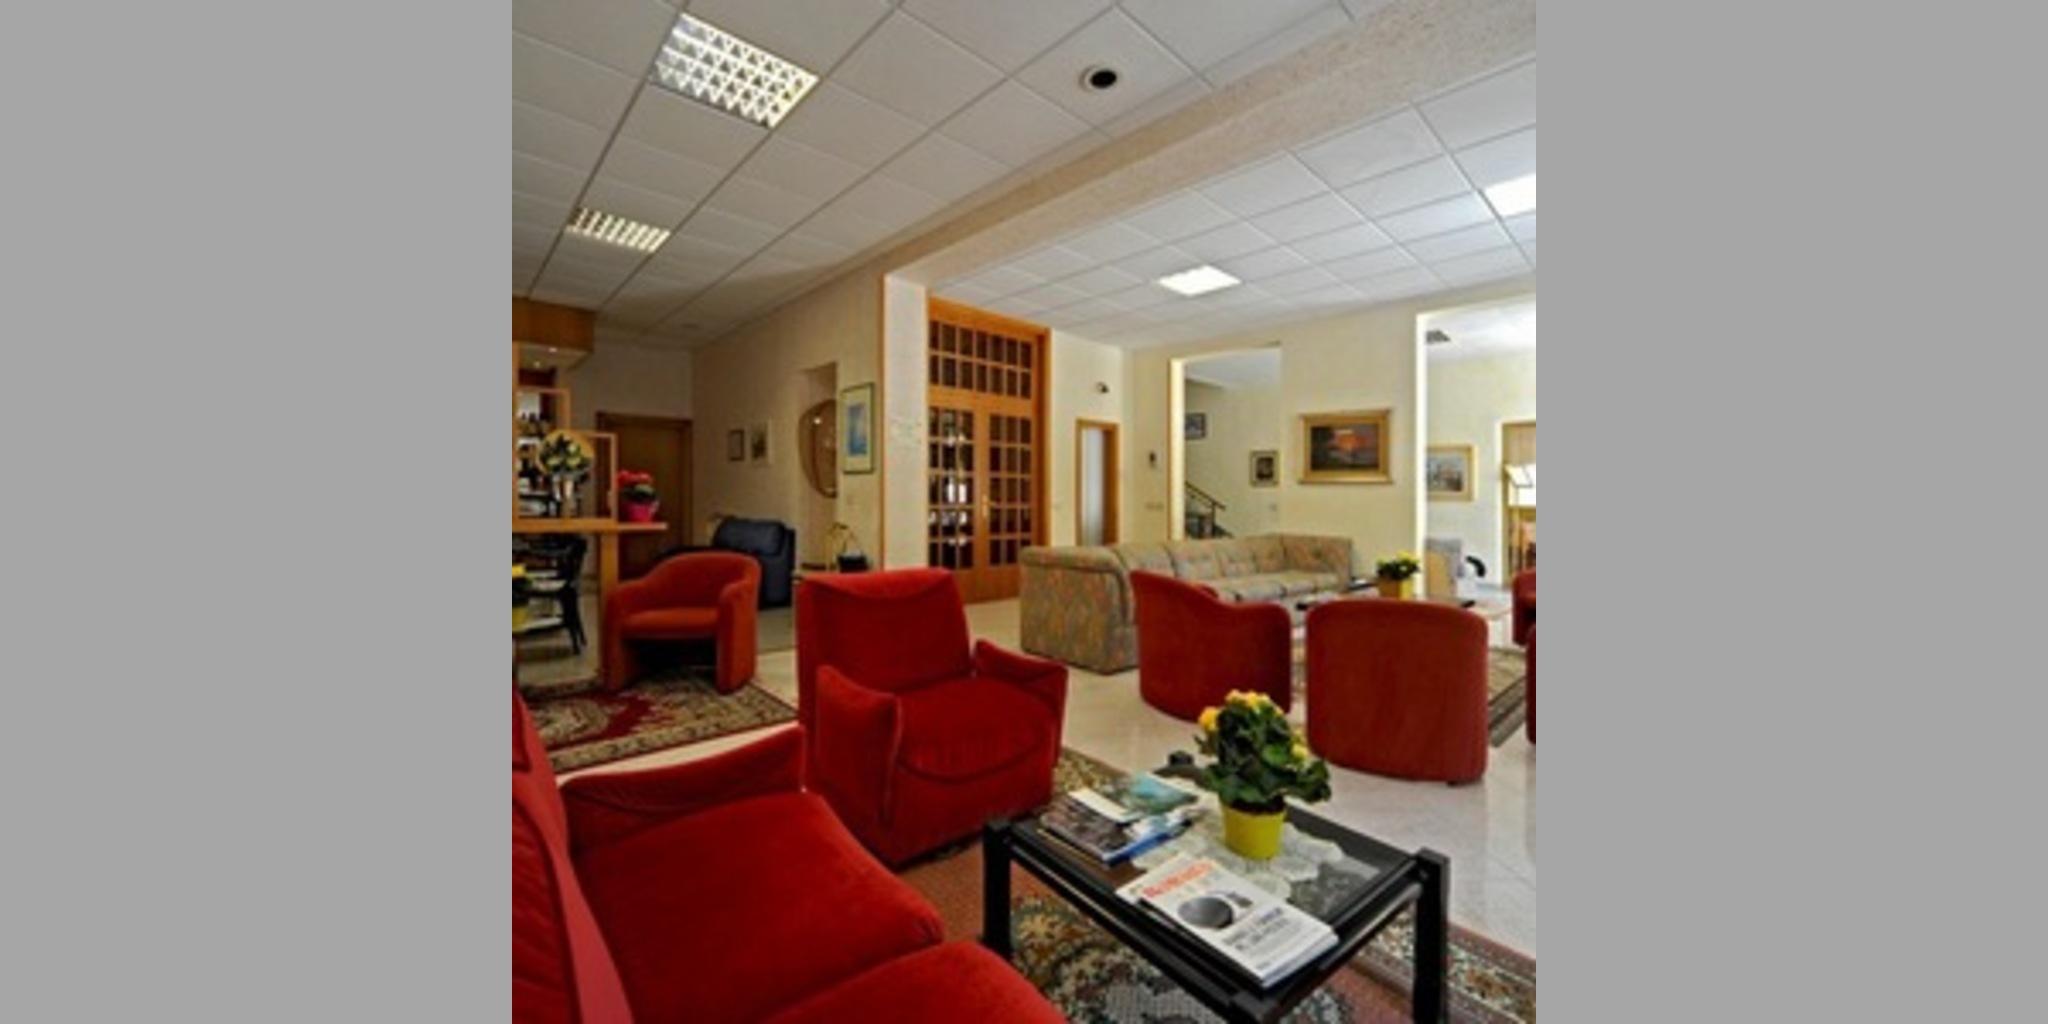 Hotel Chianciano Terme - Chianciano Terme